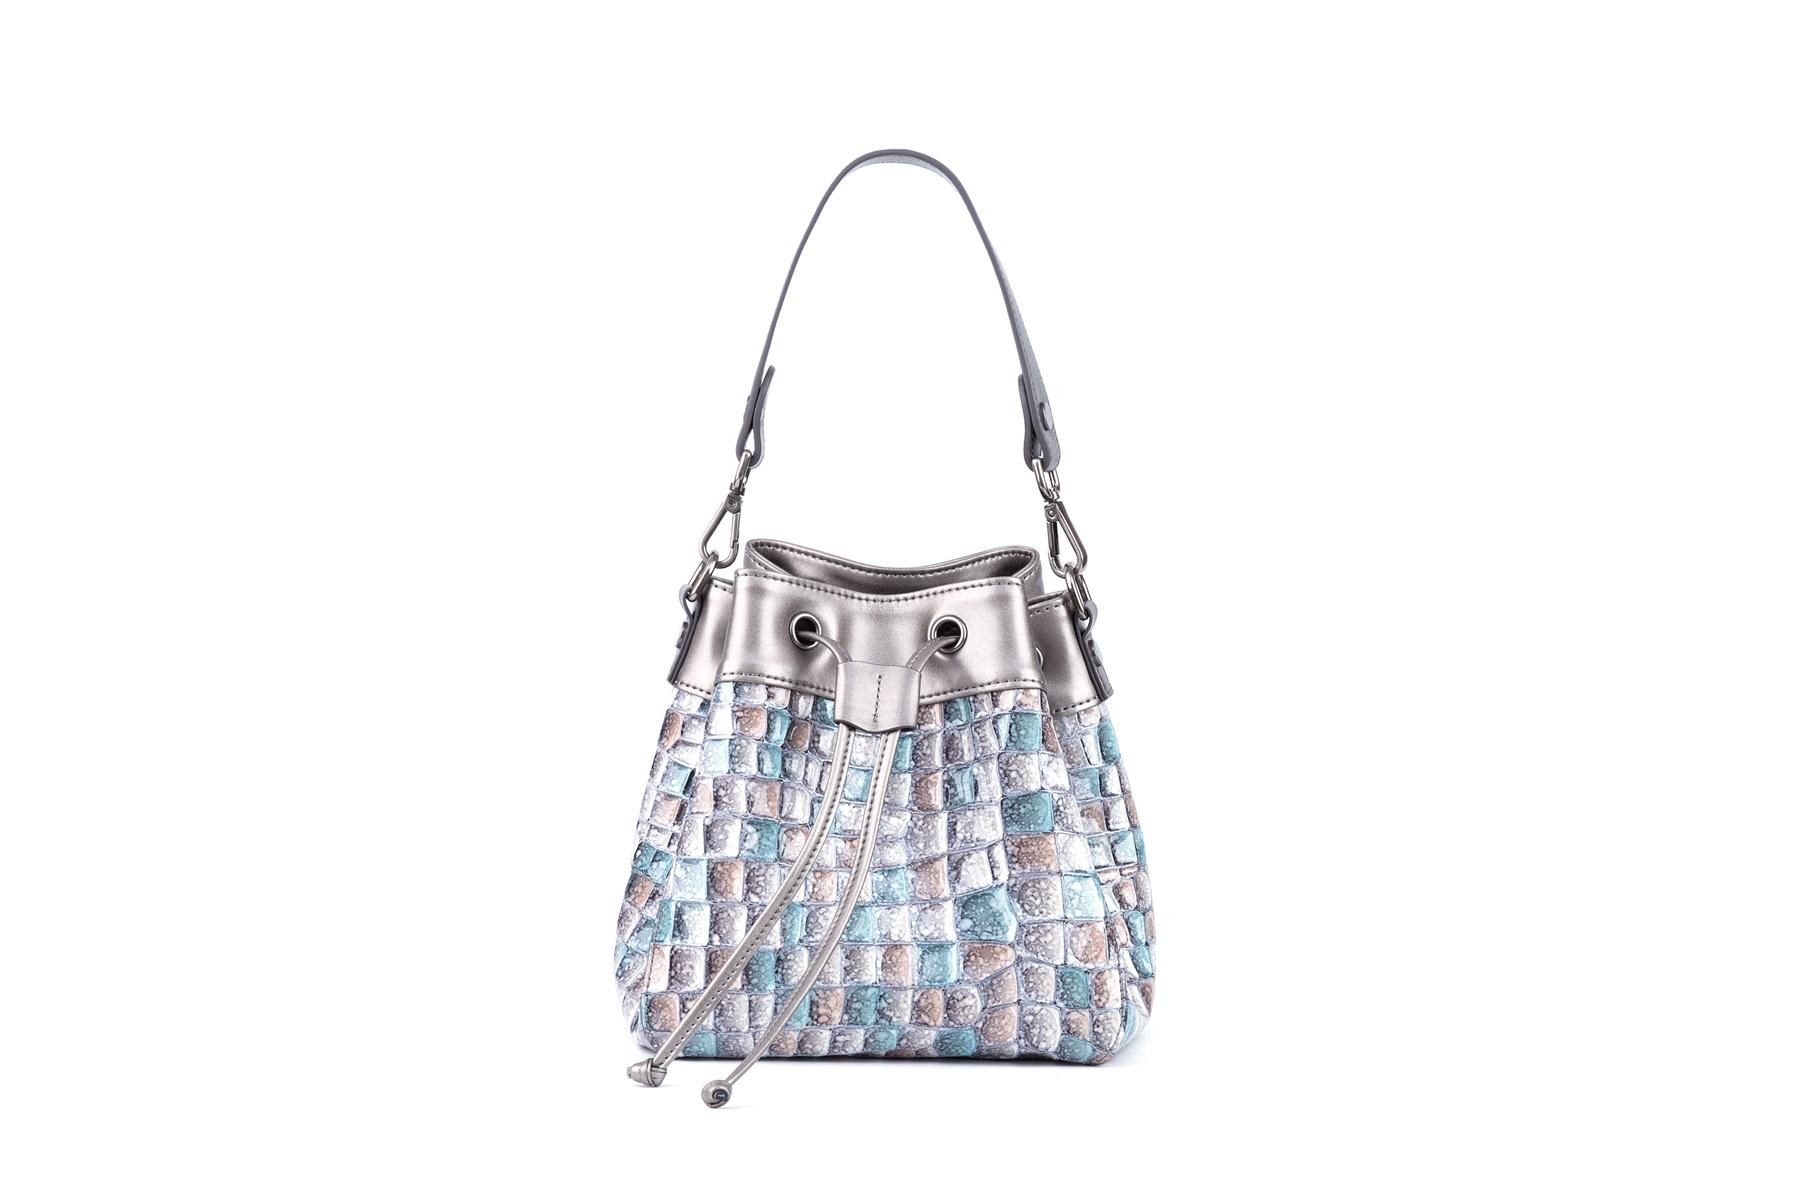 GF bags-Best Shoulder Bags Online Ladies Small Shoulder Bags - GF Bags